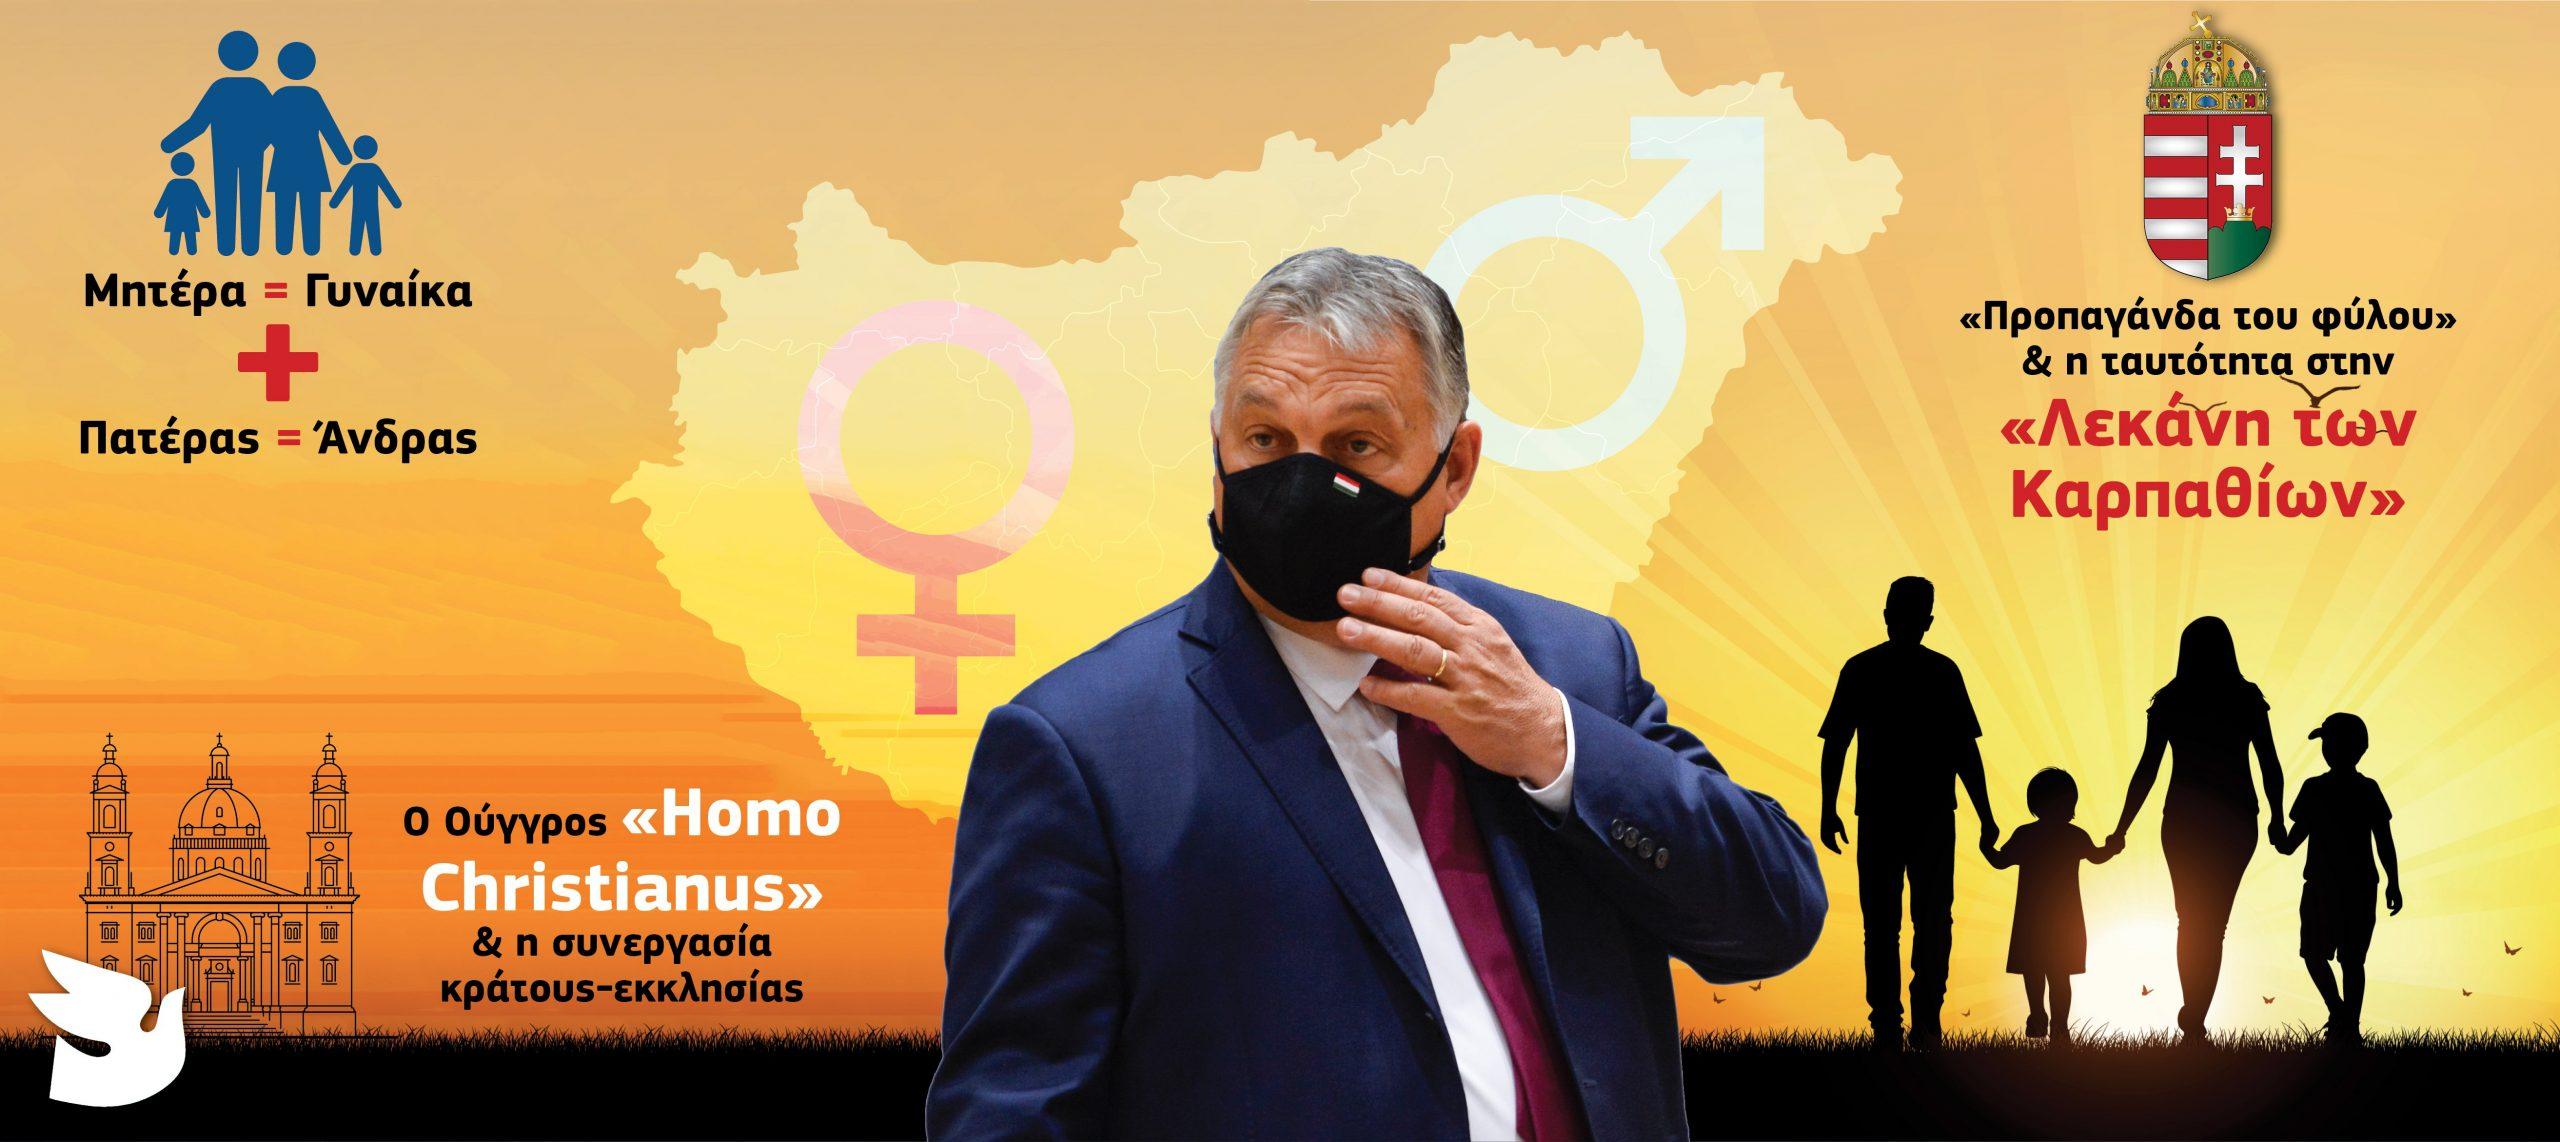 Κατοχύρωση του «Μητέρα = Γυναίκα + Πατέρας = Άνδρας» στην Ουγγαρία